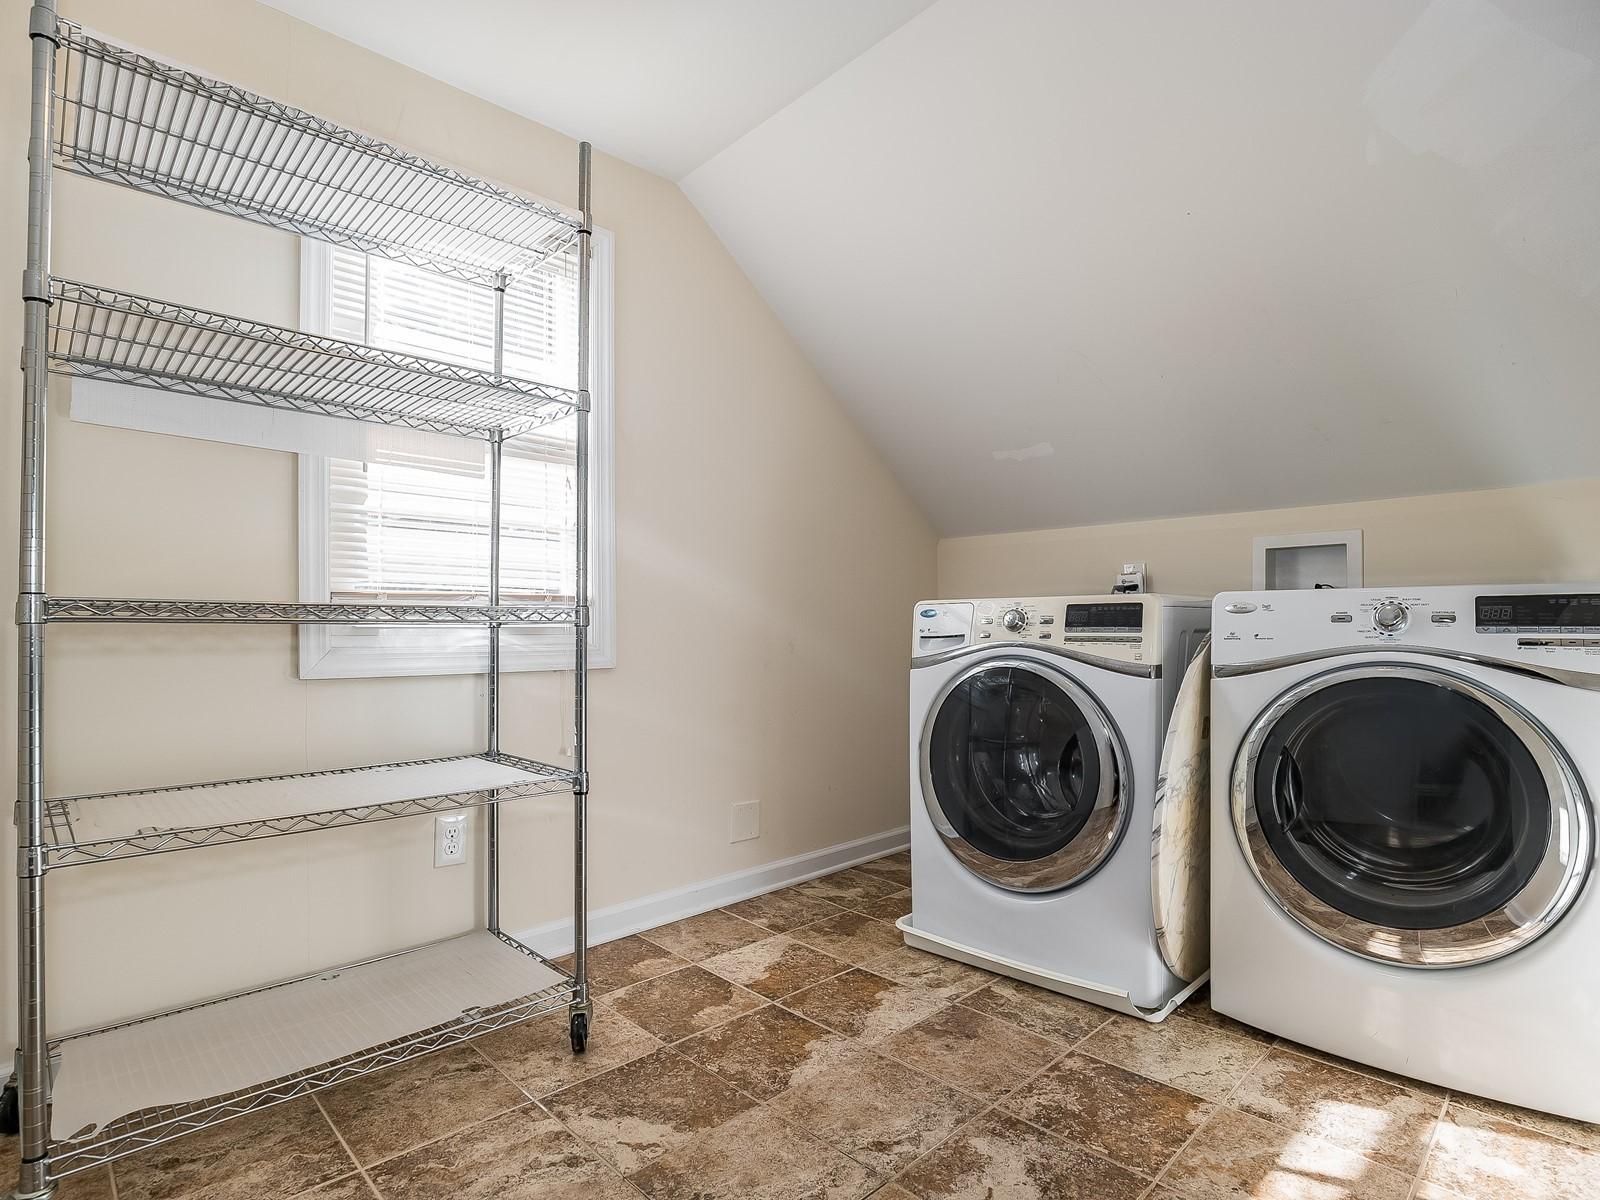 09-Furnished_Apartment_Edison_Laundry